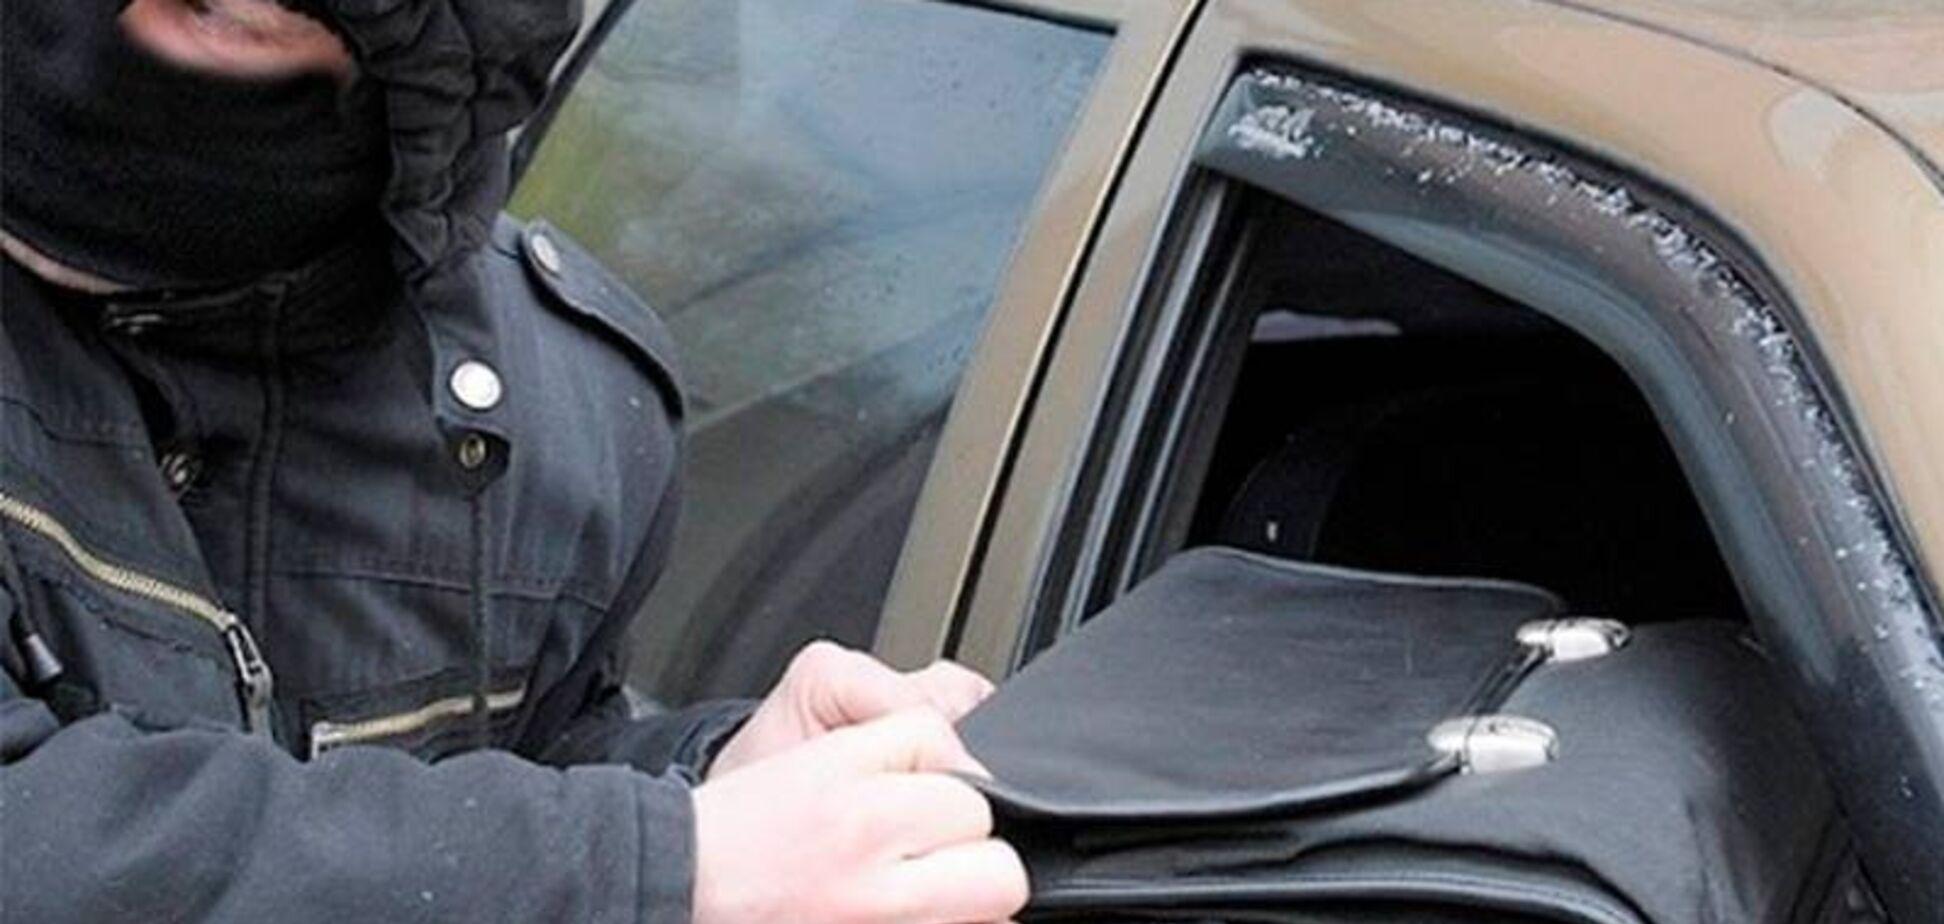 Налетіли в масках: в Києві з авто вкрали $40 тисяч, введено 'Перехоплення'